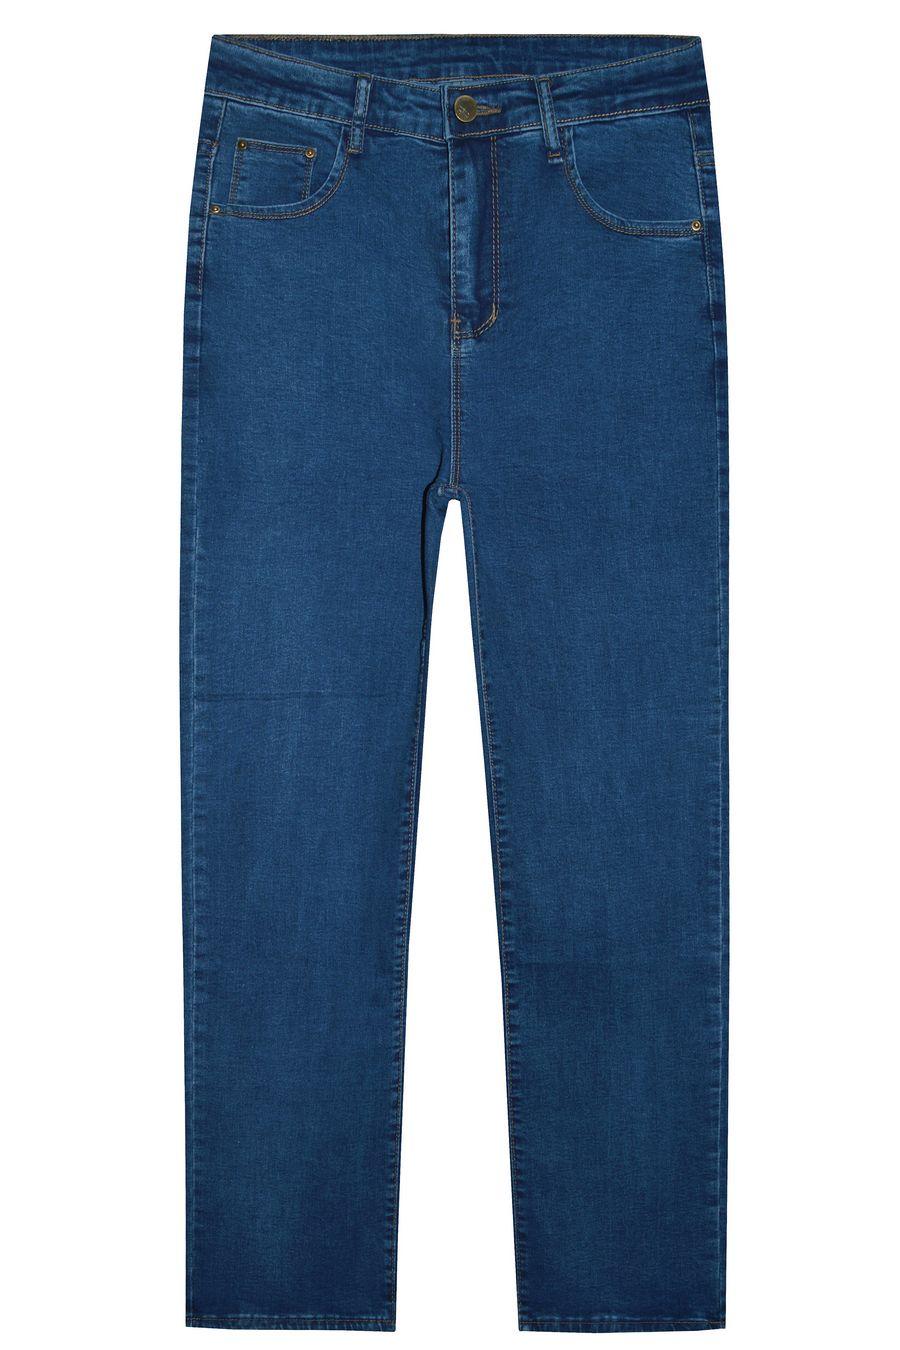 Джинсы женские K.Y Jeans J5566 - фото 1